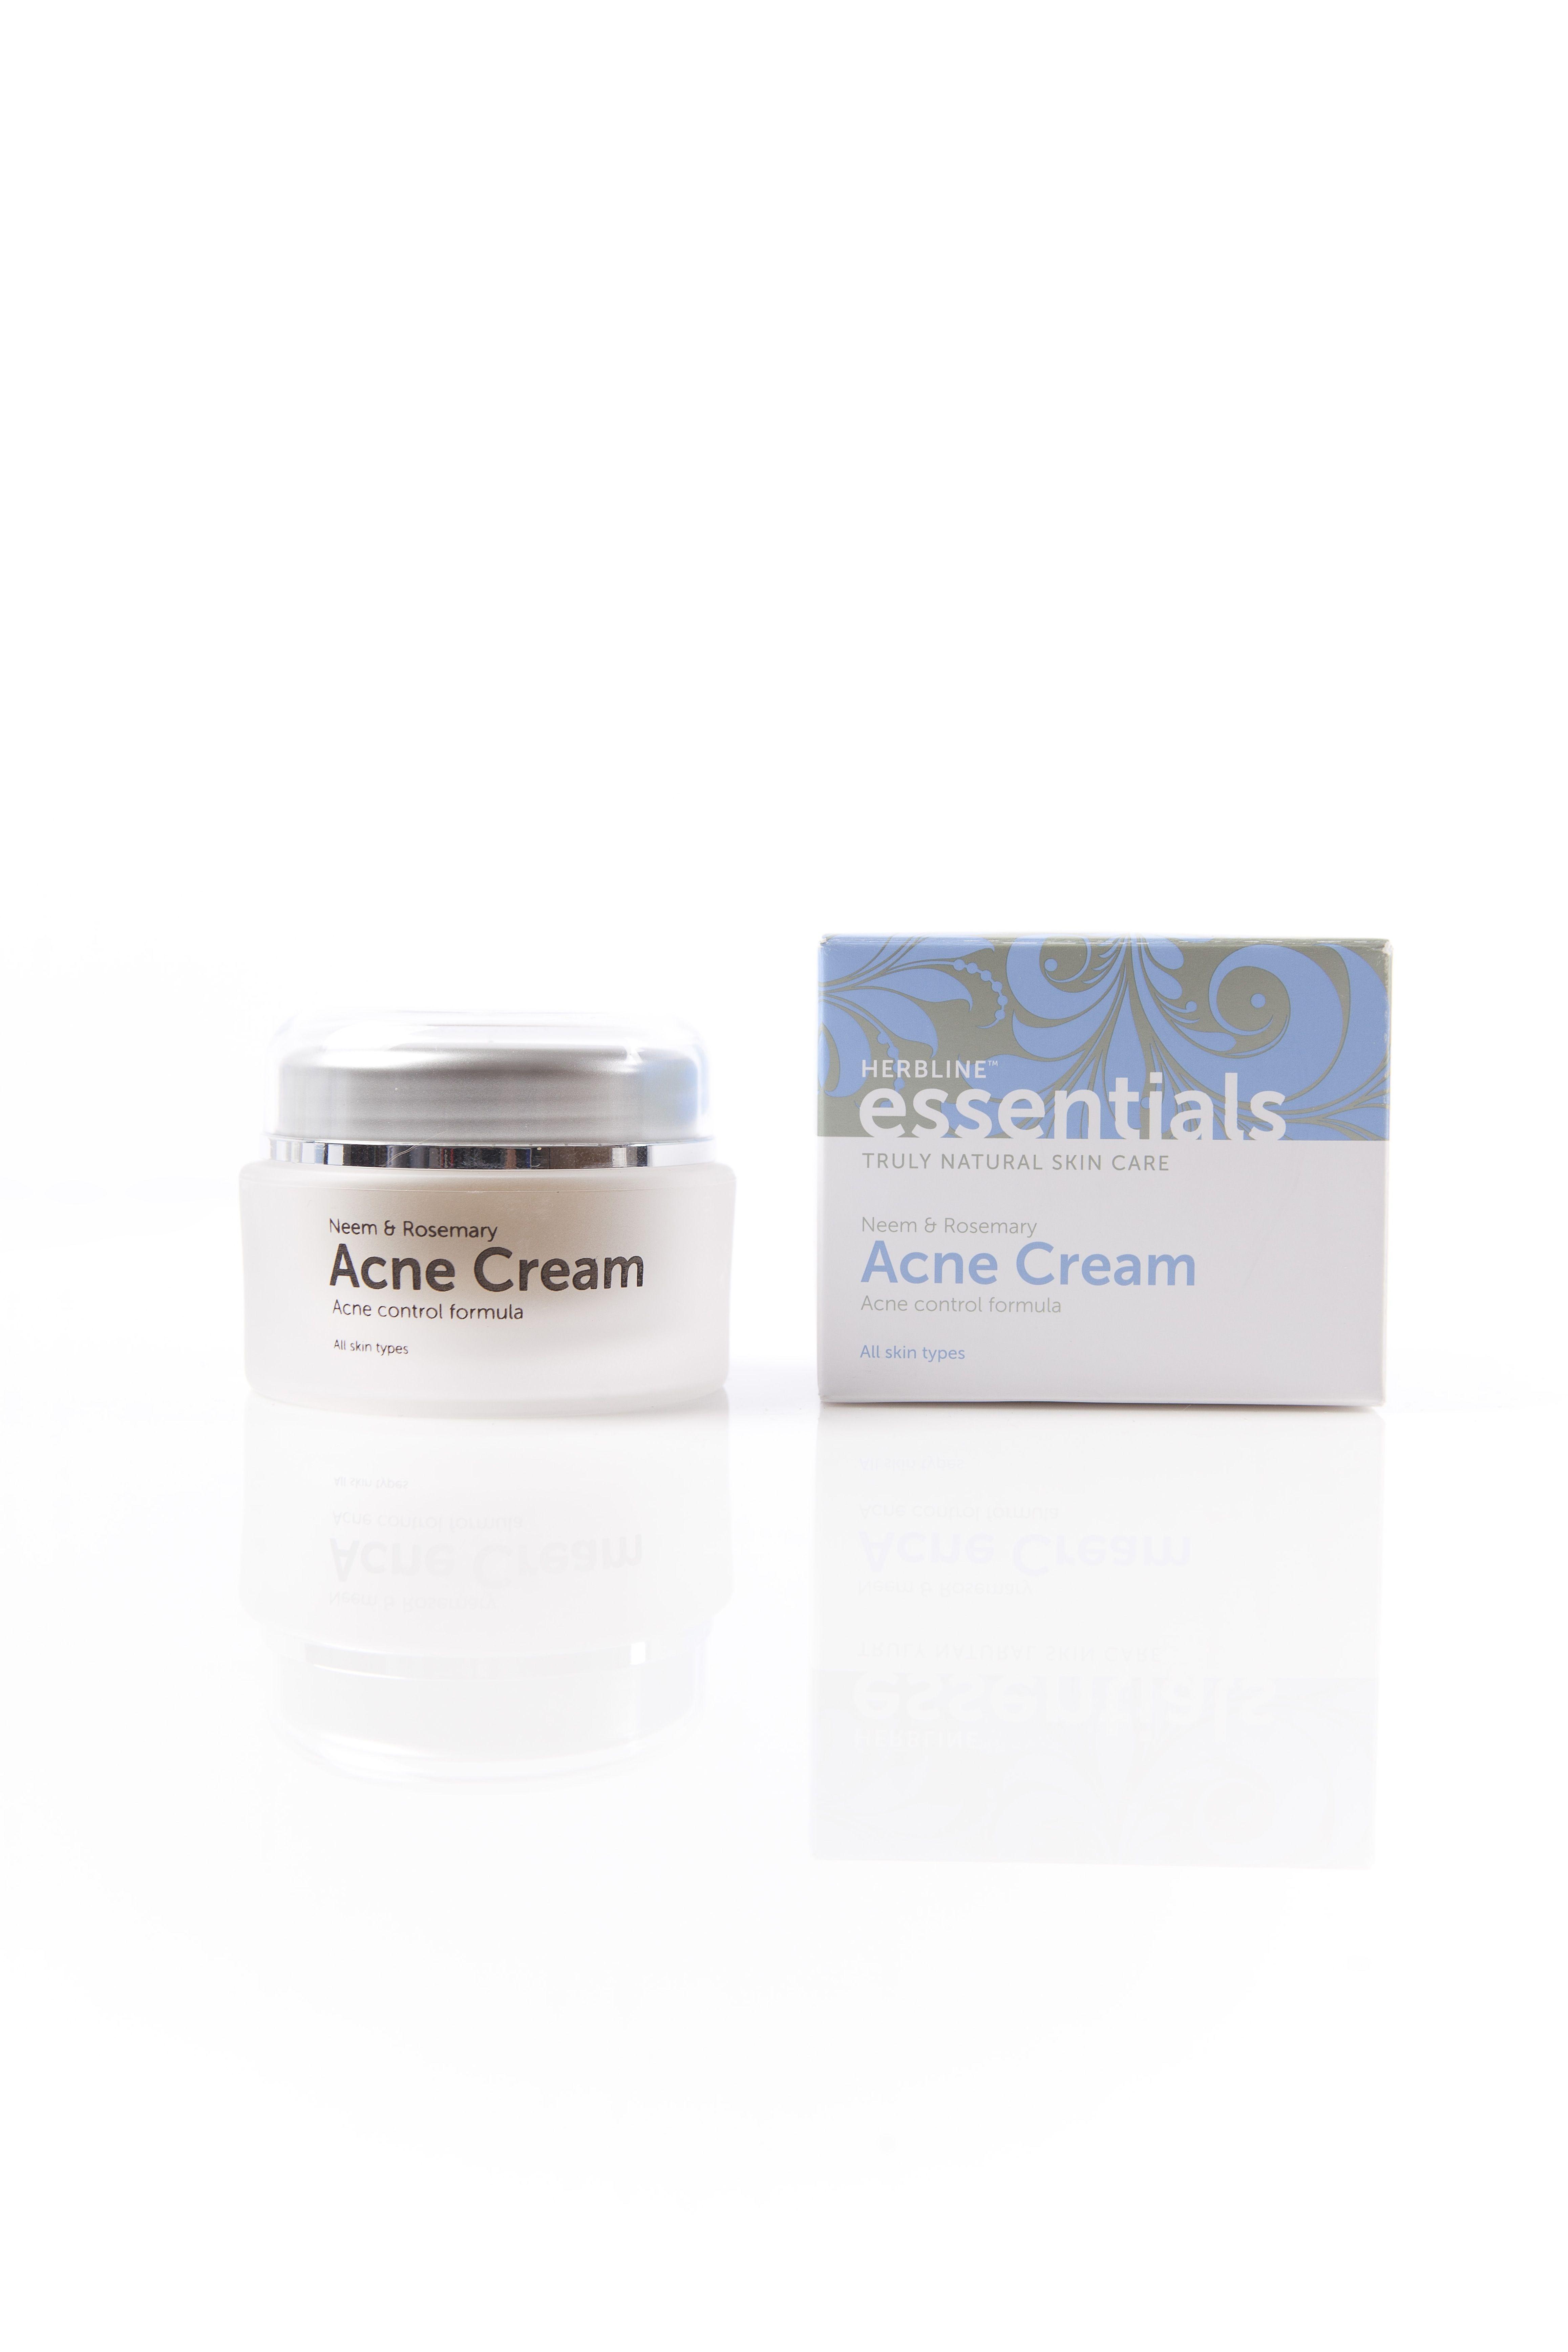 Herbline Essentials Acne Cream Acne Cream Acne Control Natural